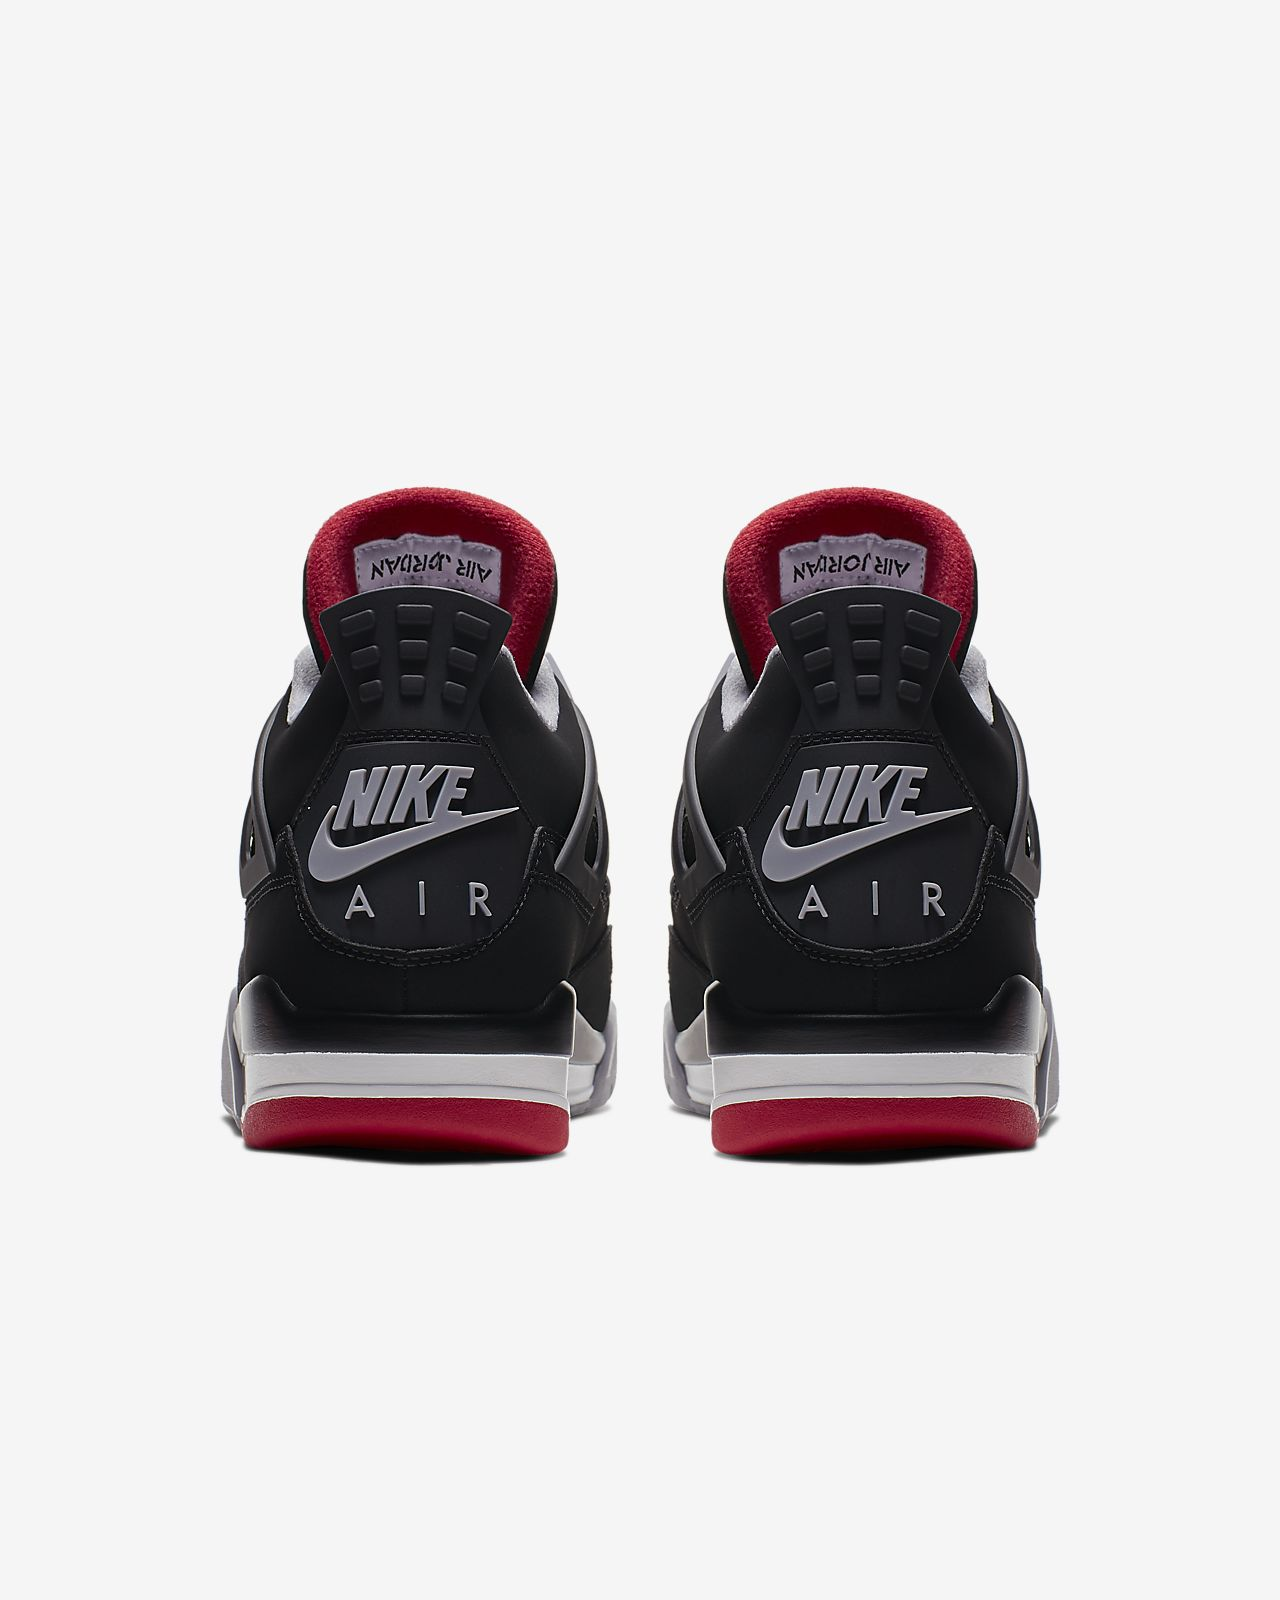 c6033dbef09c Air Jordan 4 Retro Men s Shoe. Nike.com PT